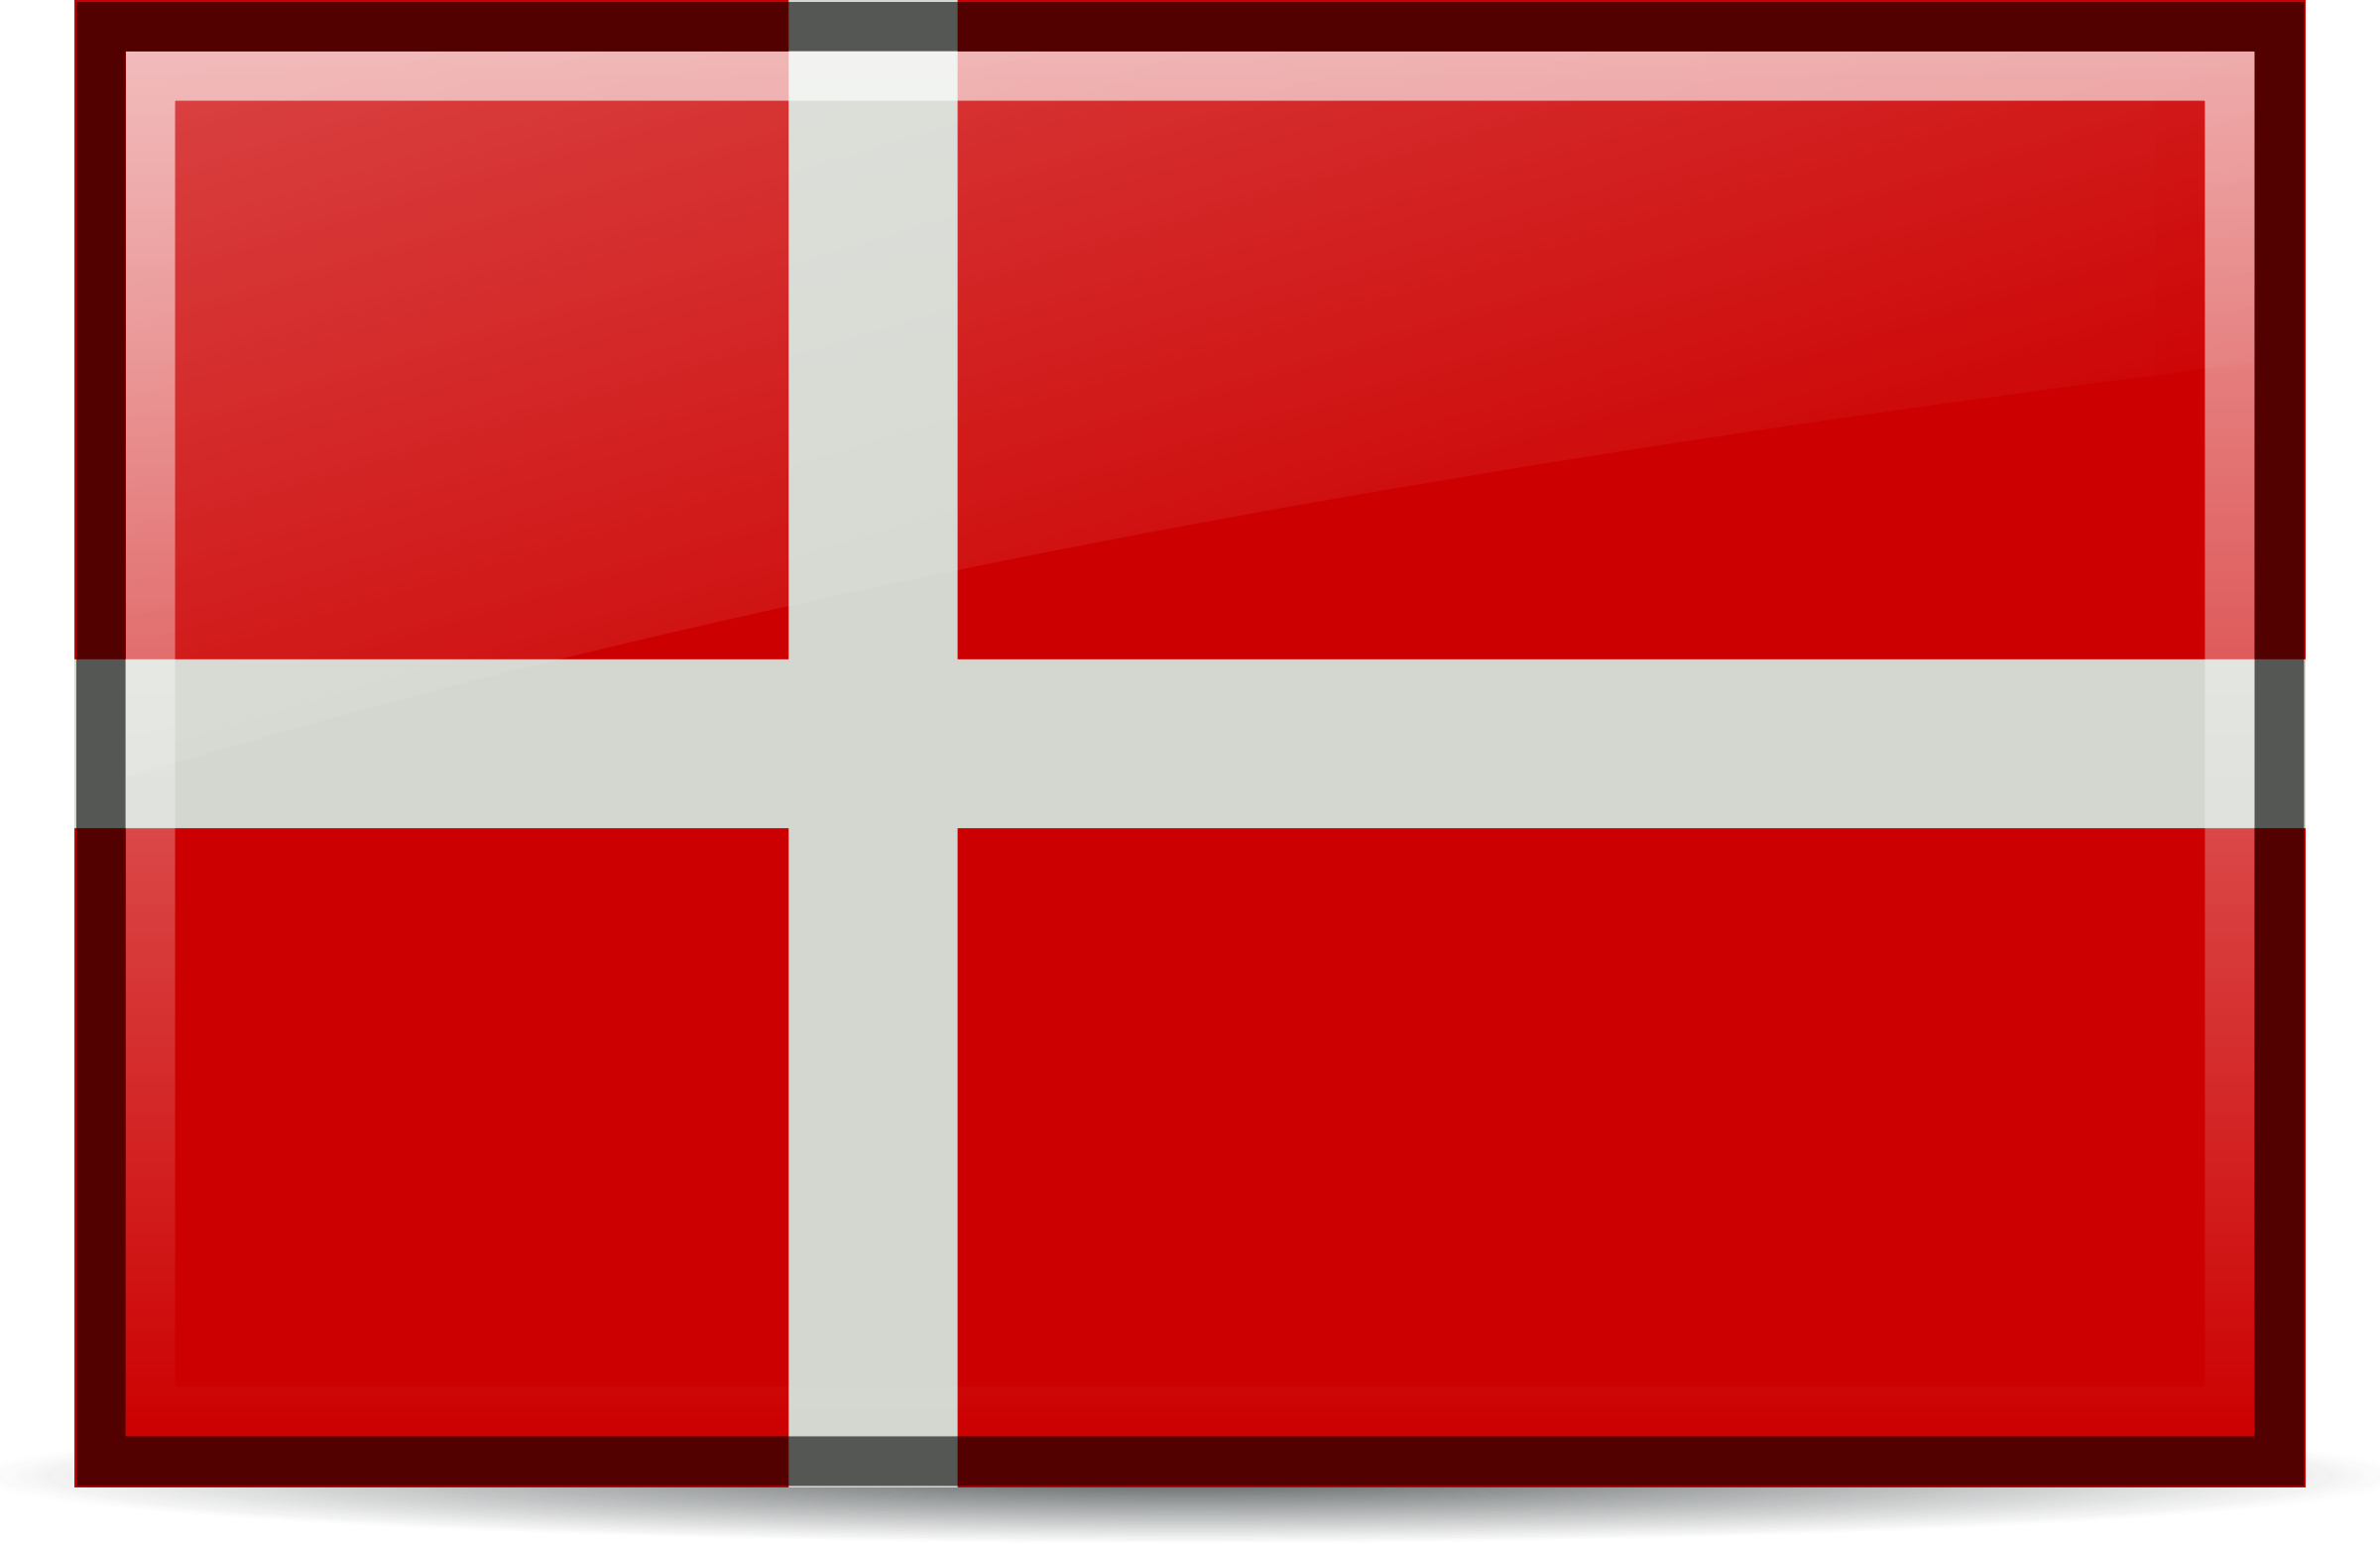 clipart dk flag - photo #40